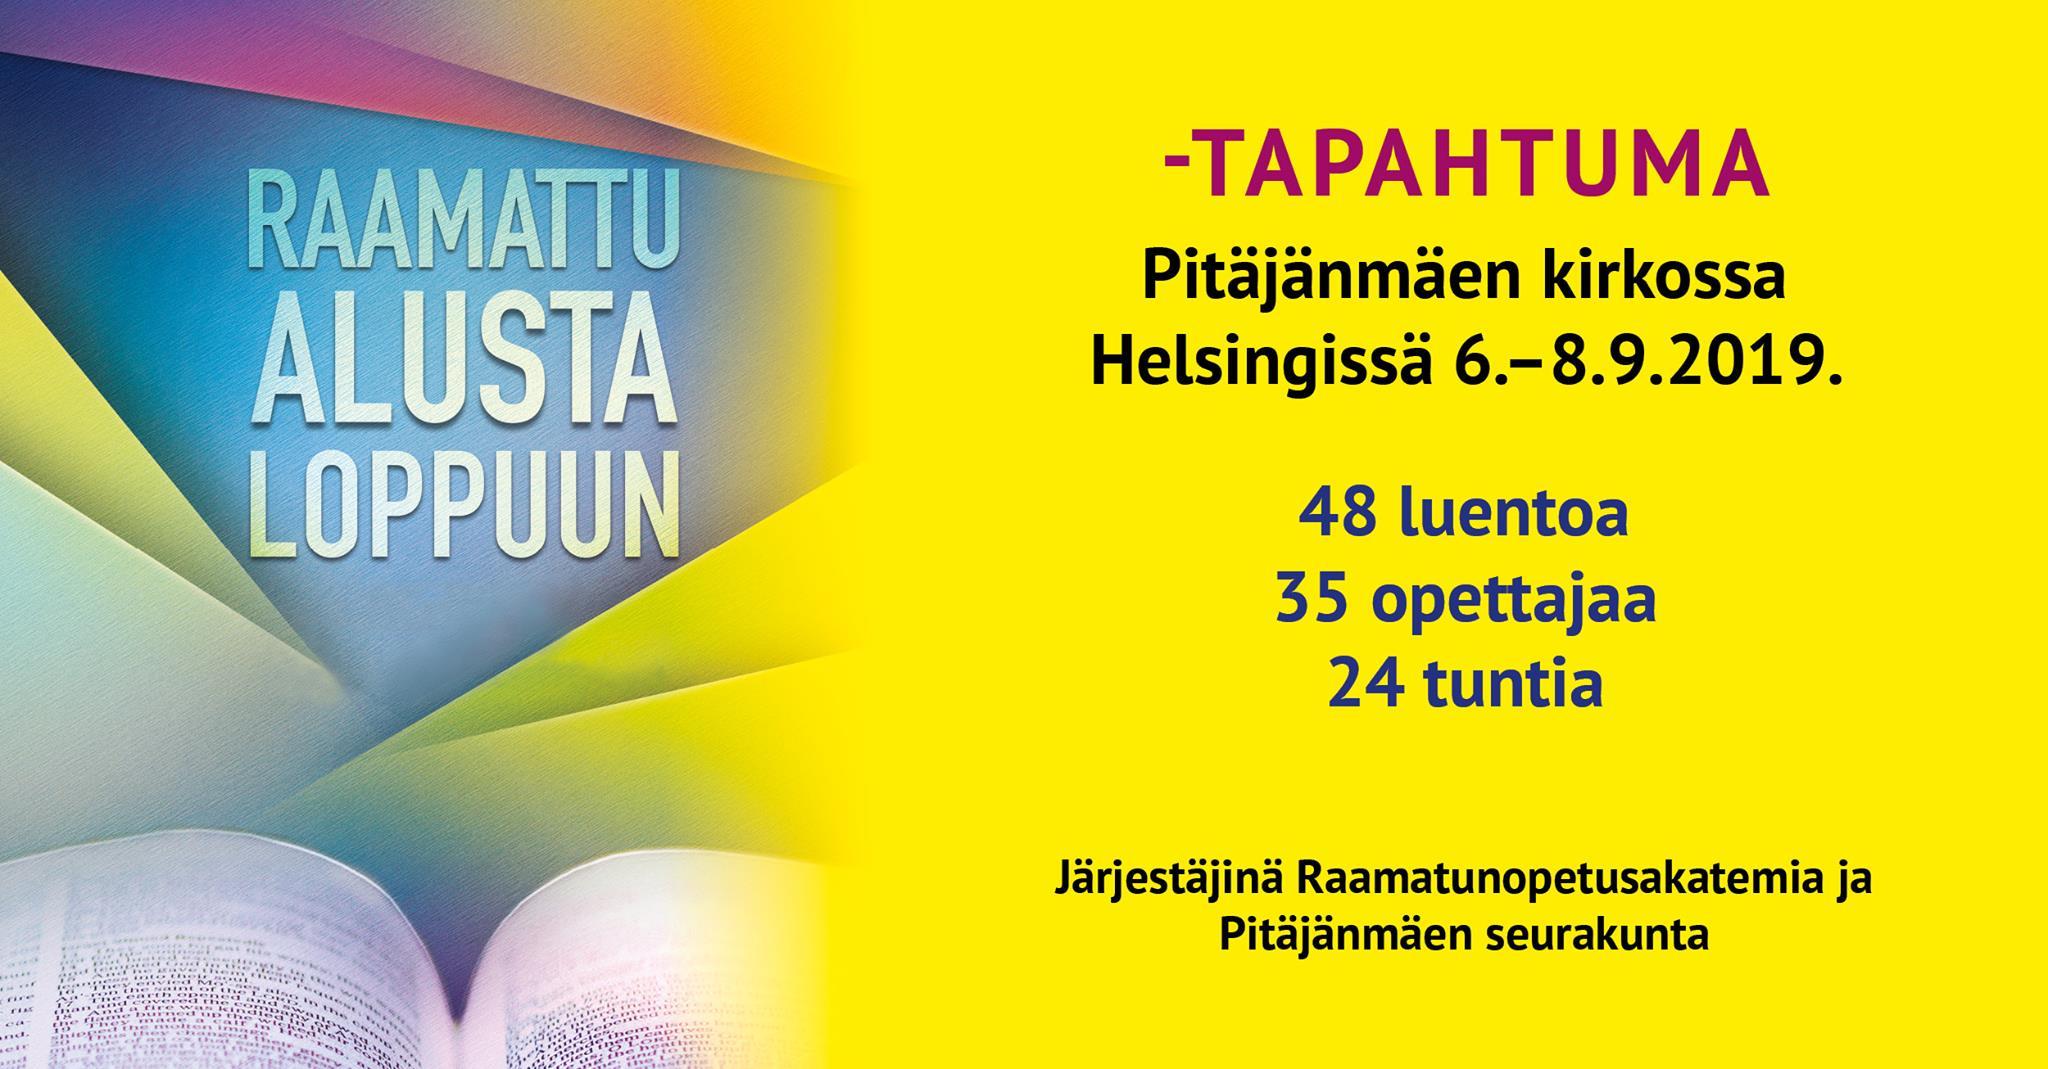 Raamattu Alusta Loppuun -tapahtuma 6.-8.9. Helsingissä